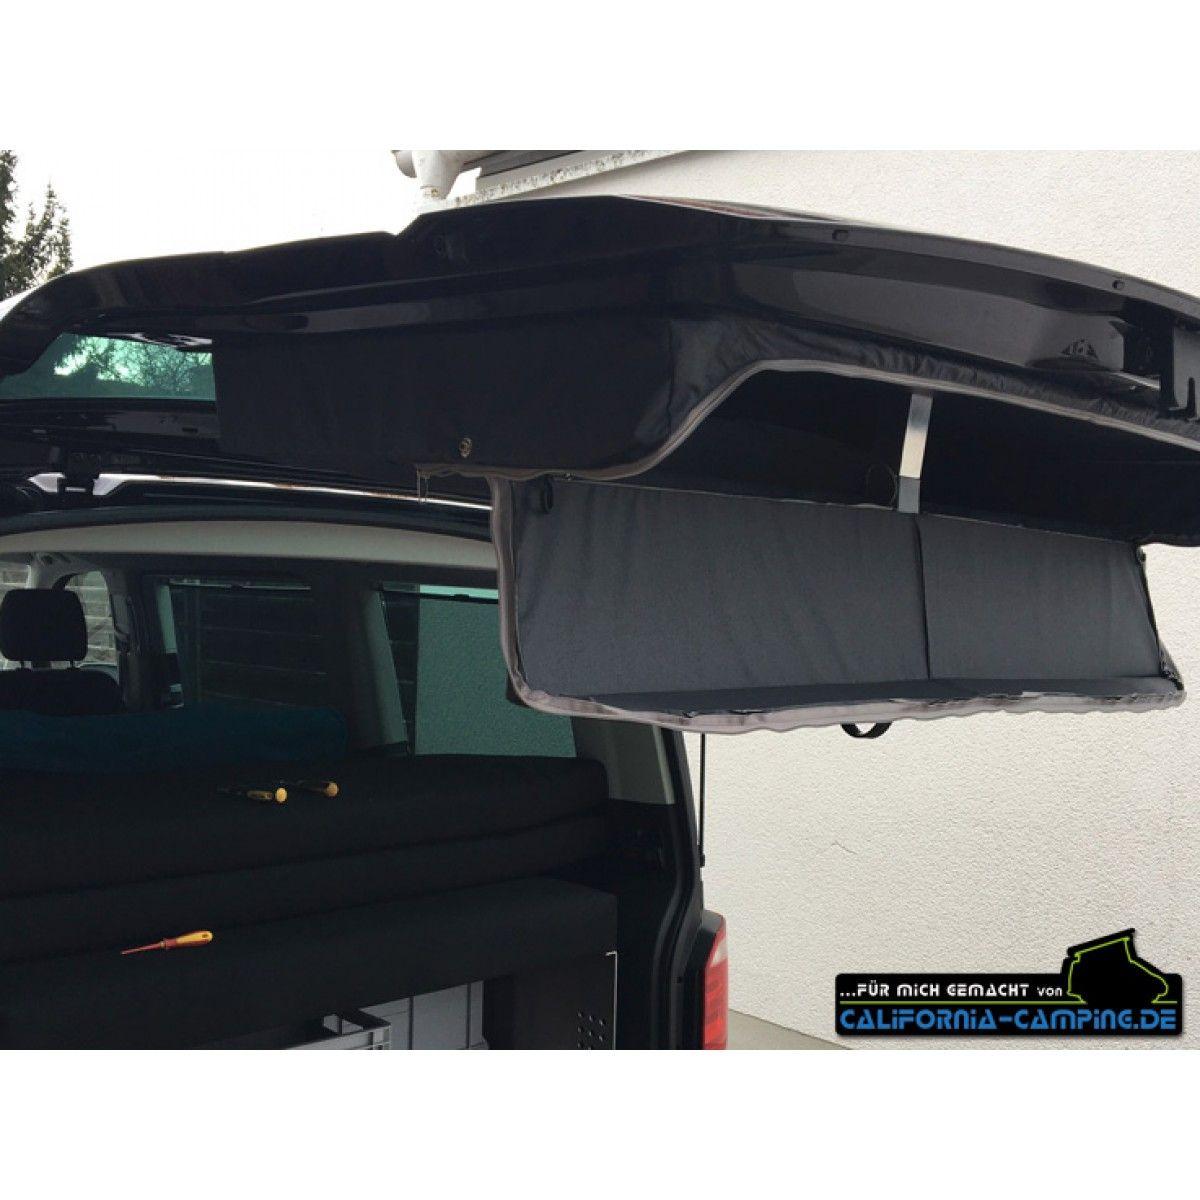 VW T5 & T6 Heckklappentasche für Campingstühle Vw t5